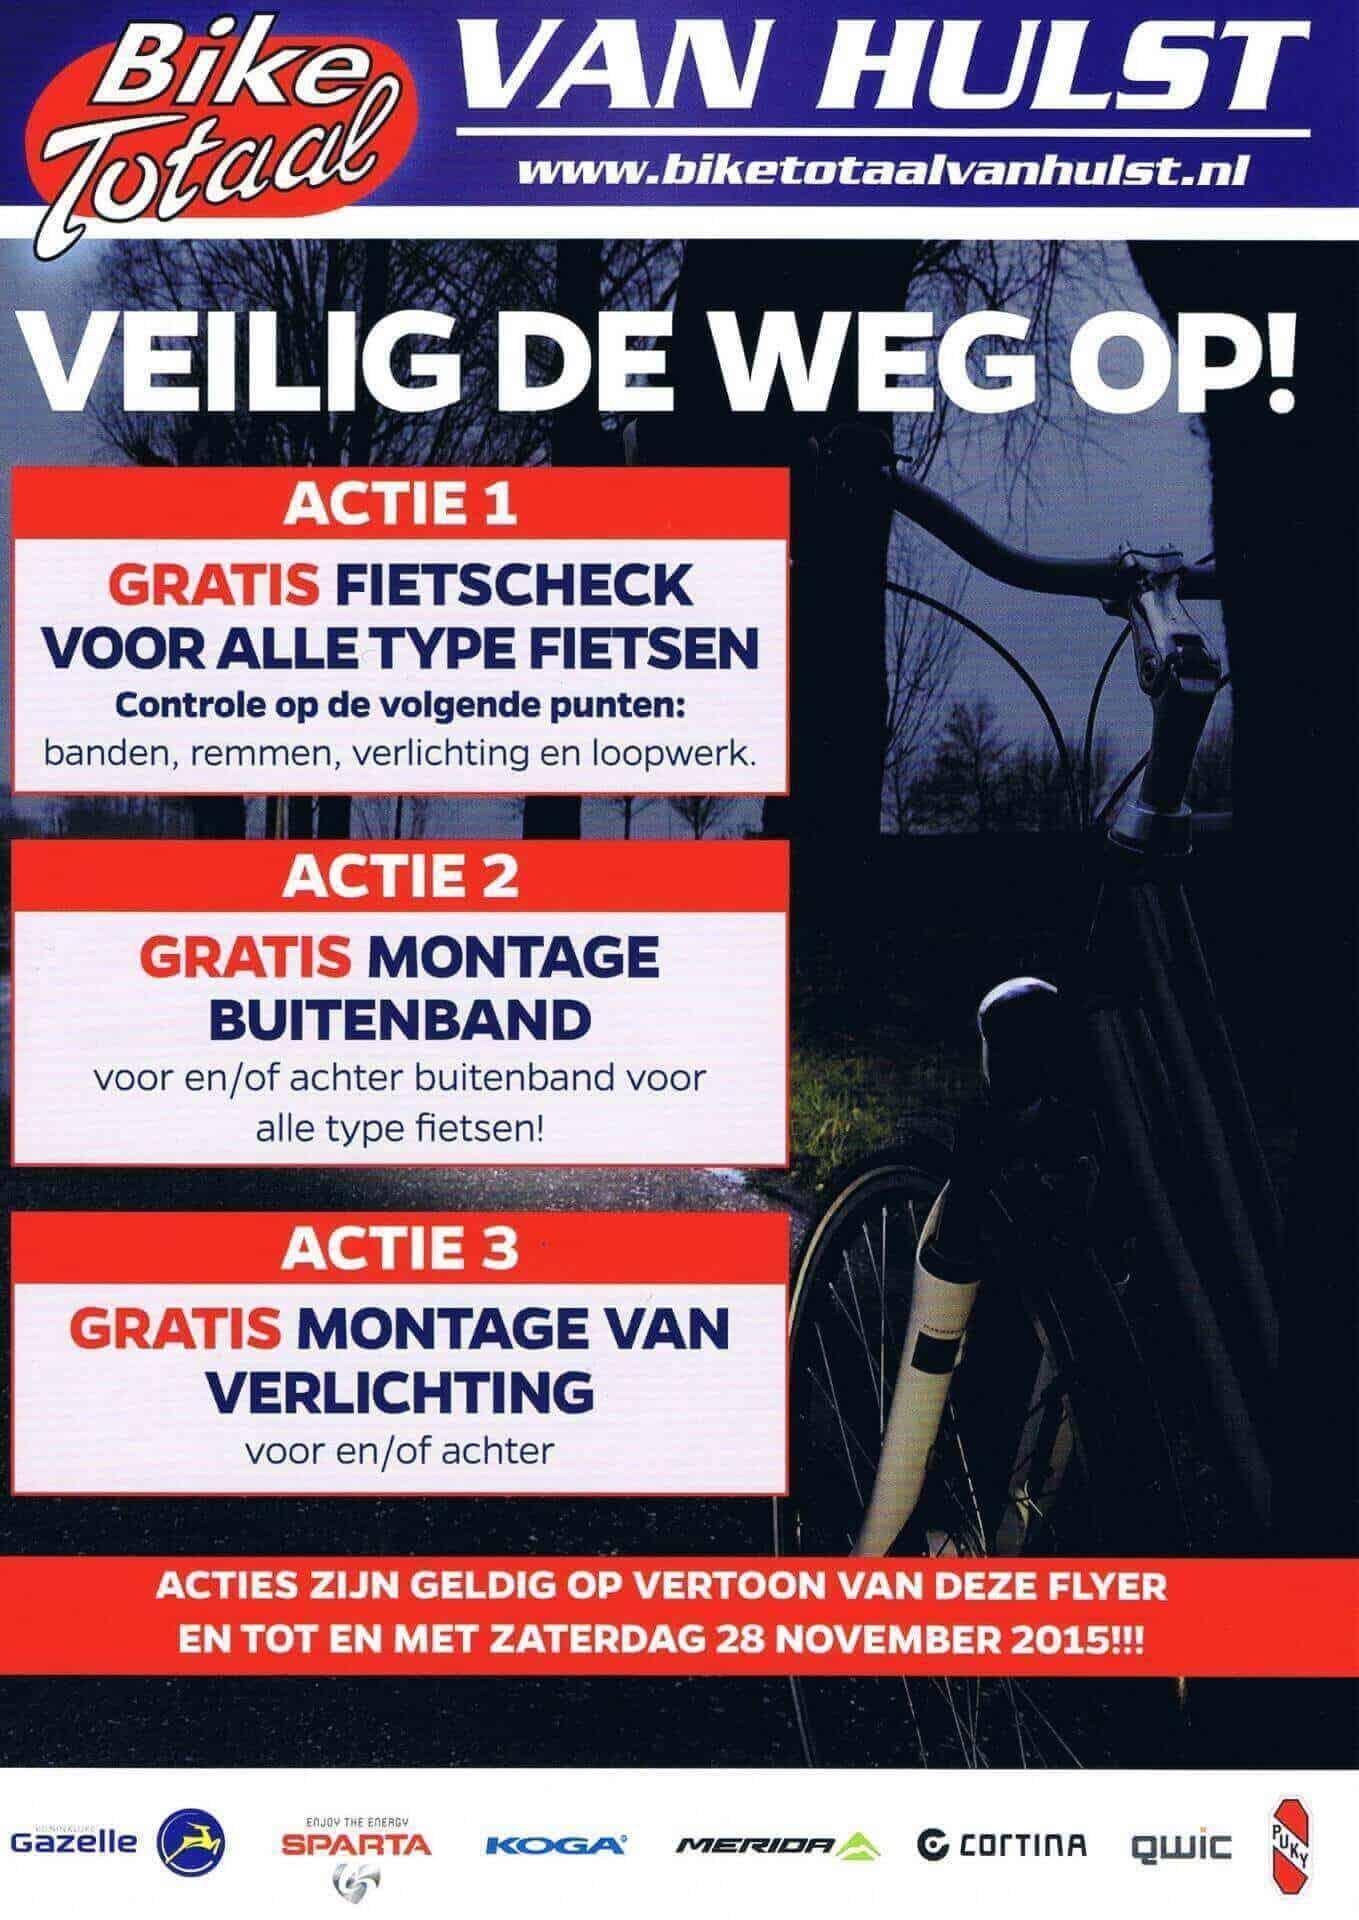 Akties bij Bike Totaal Van Hulst Sassenheim